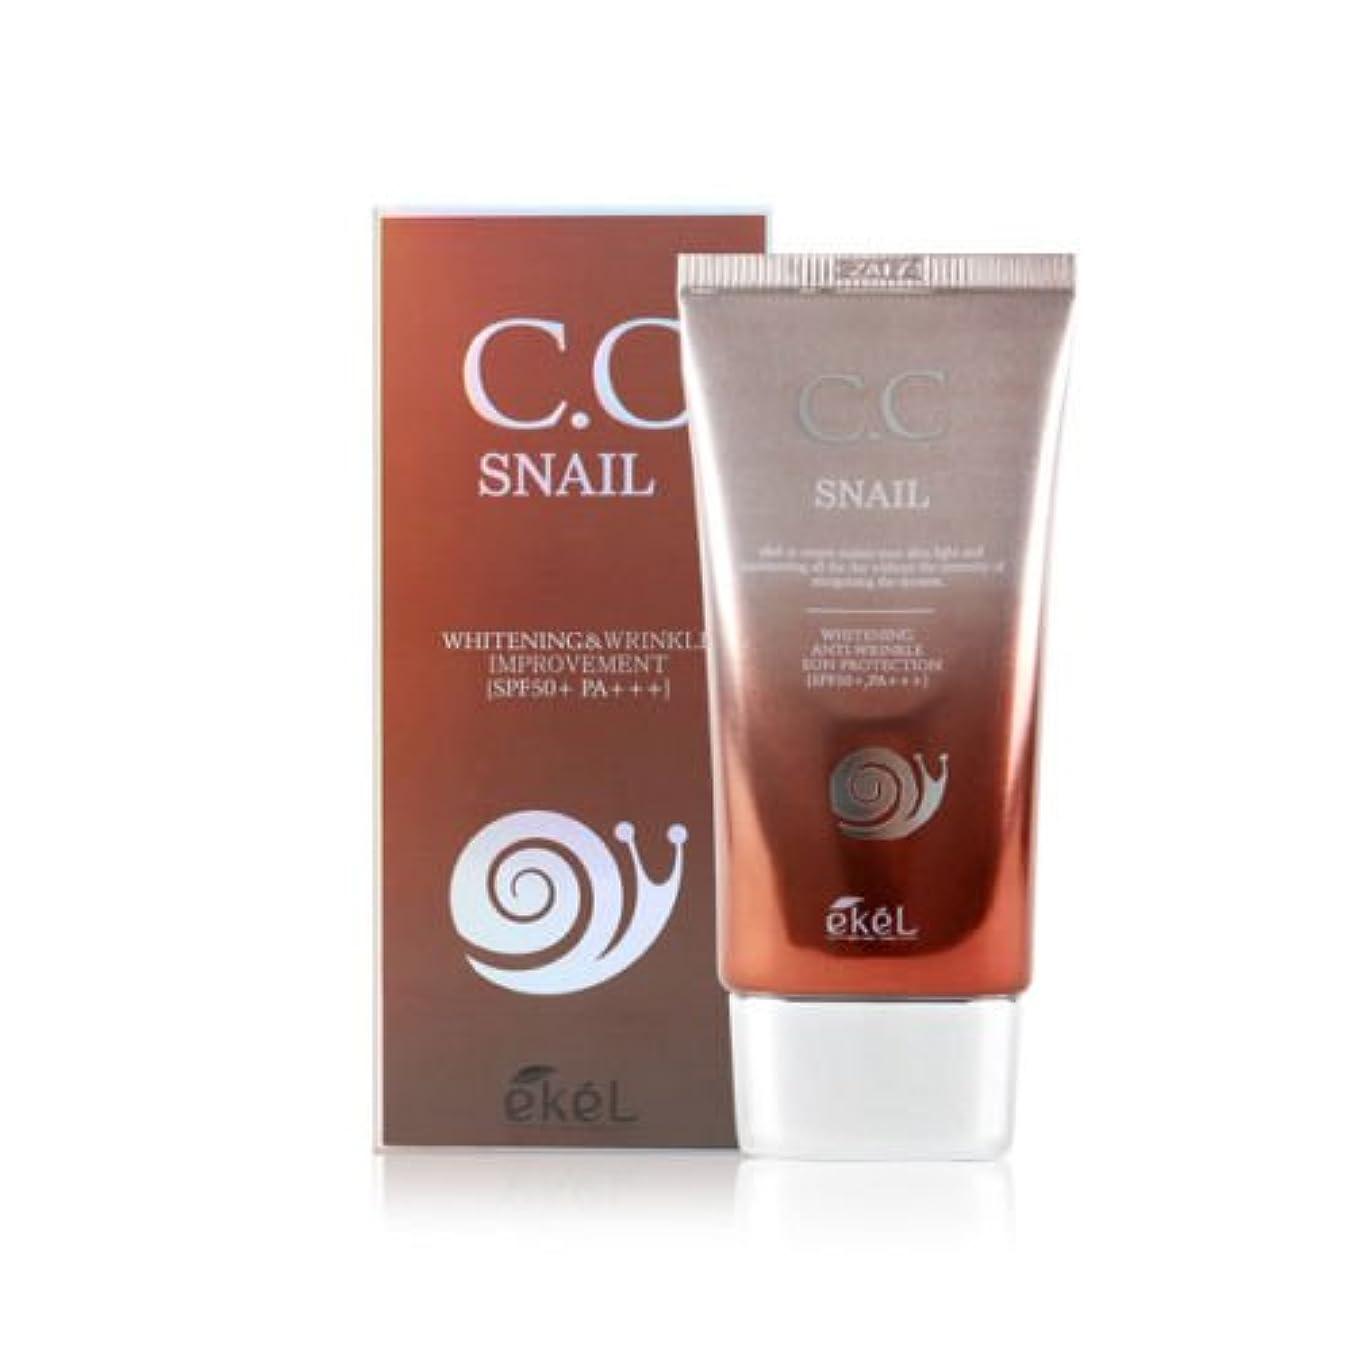 破産提案討論イケル[韓国コスメEkel]Snail CC Cream カタツムリCCクリーム50ml [並行輸入品]